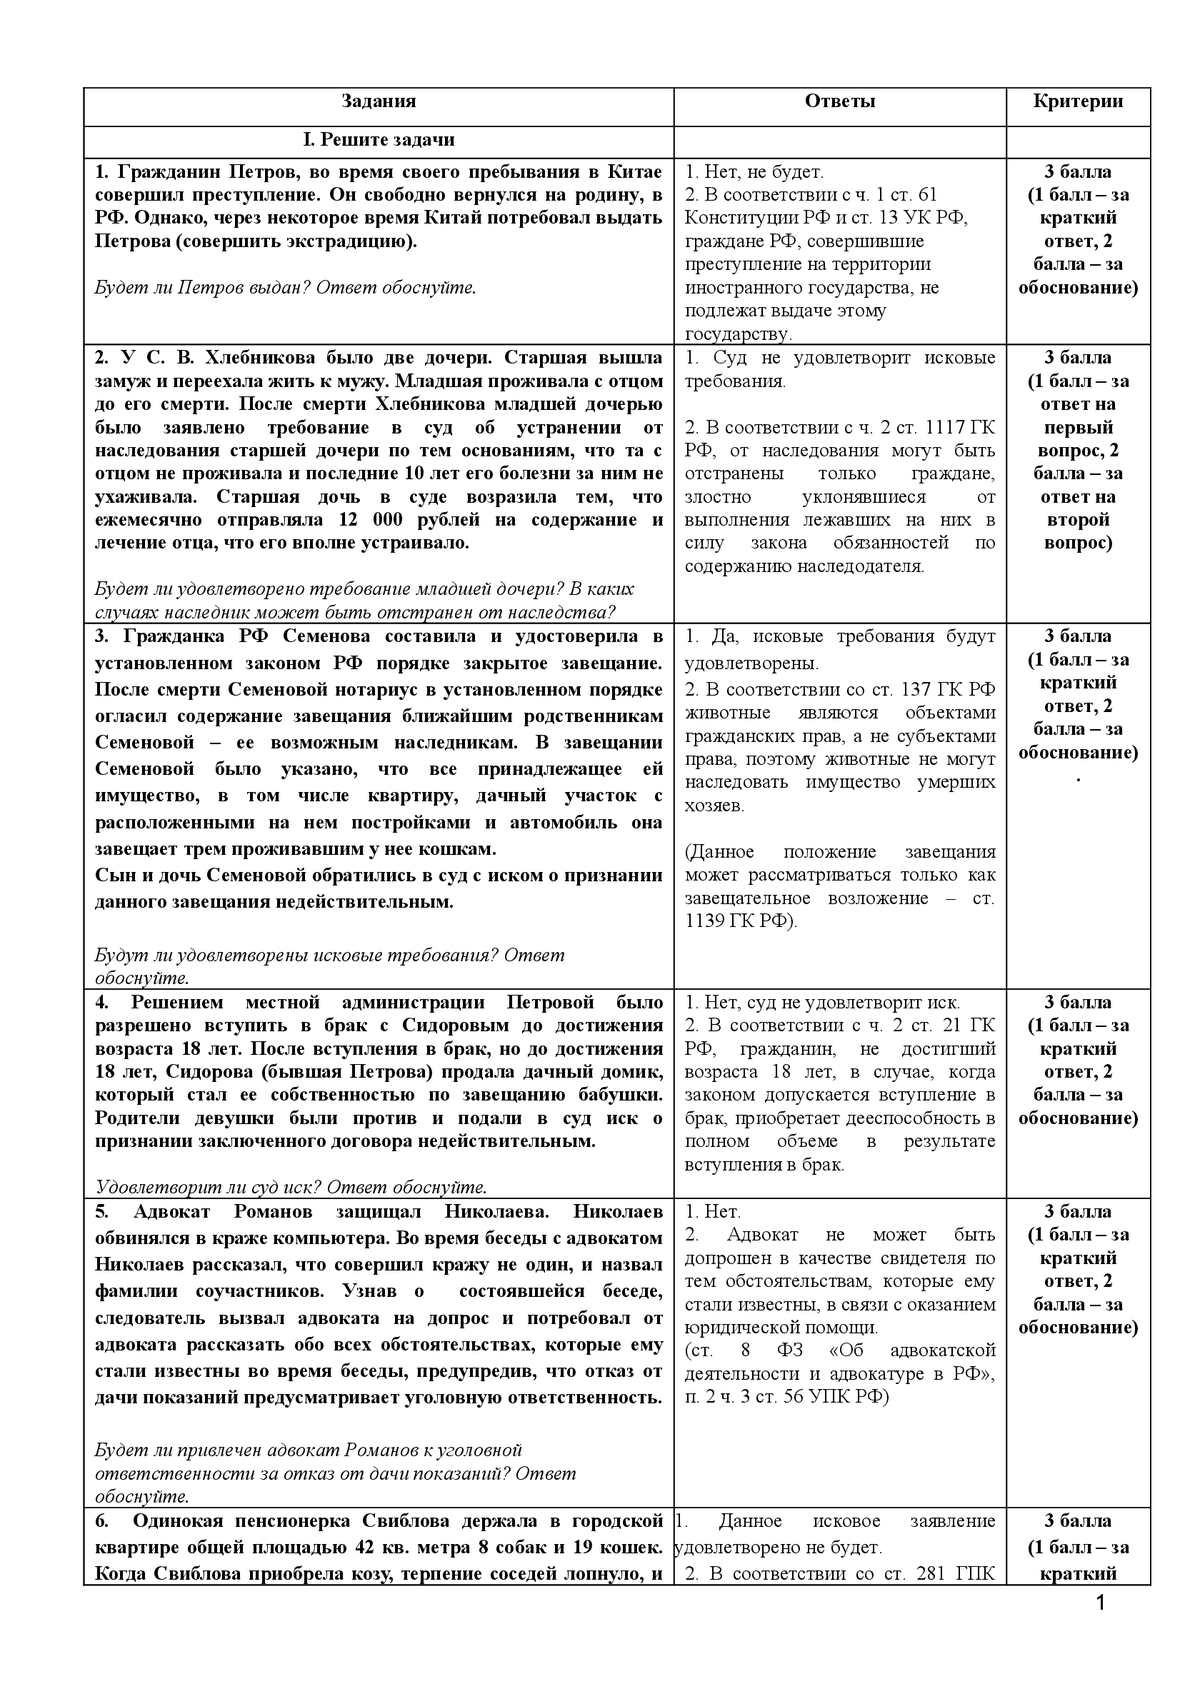 Совершение сделок недееспособным гражданином Правовед. ru